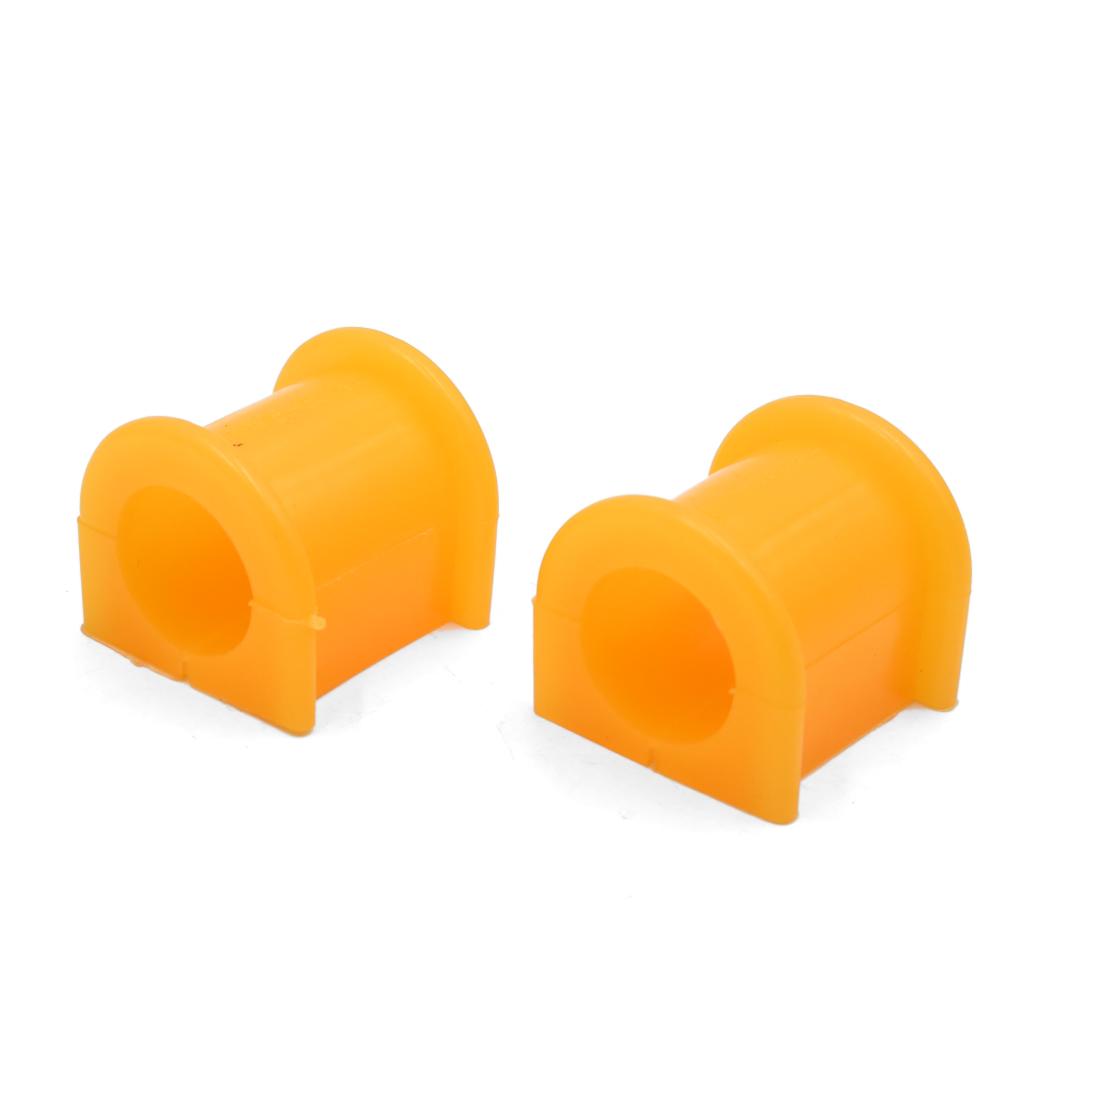 2Pcs 25mm Inner Dia Orange Rubber Shock Absorber Bushings Damper for Auto Car